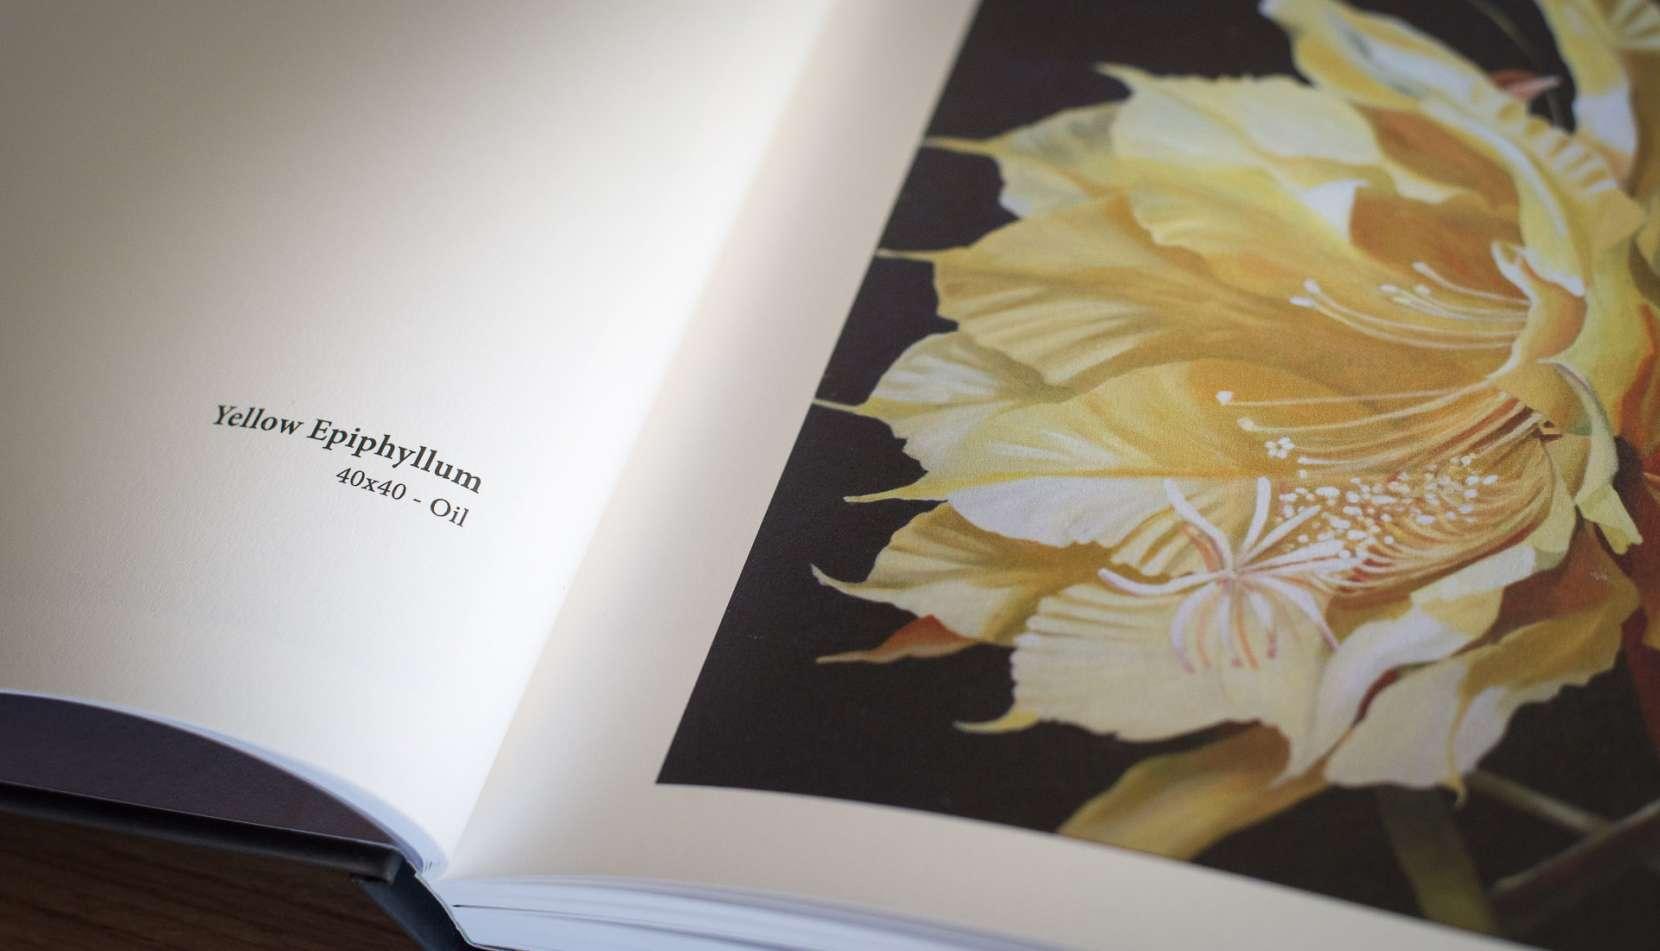 judith-book-6437-1660x951.jpg